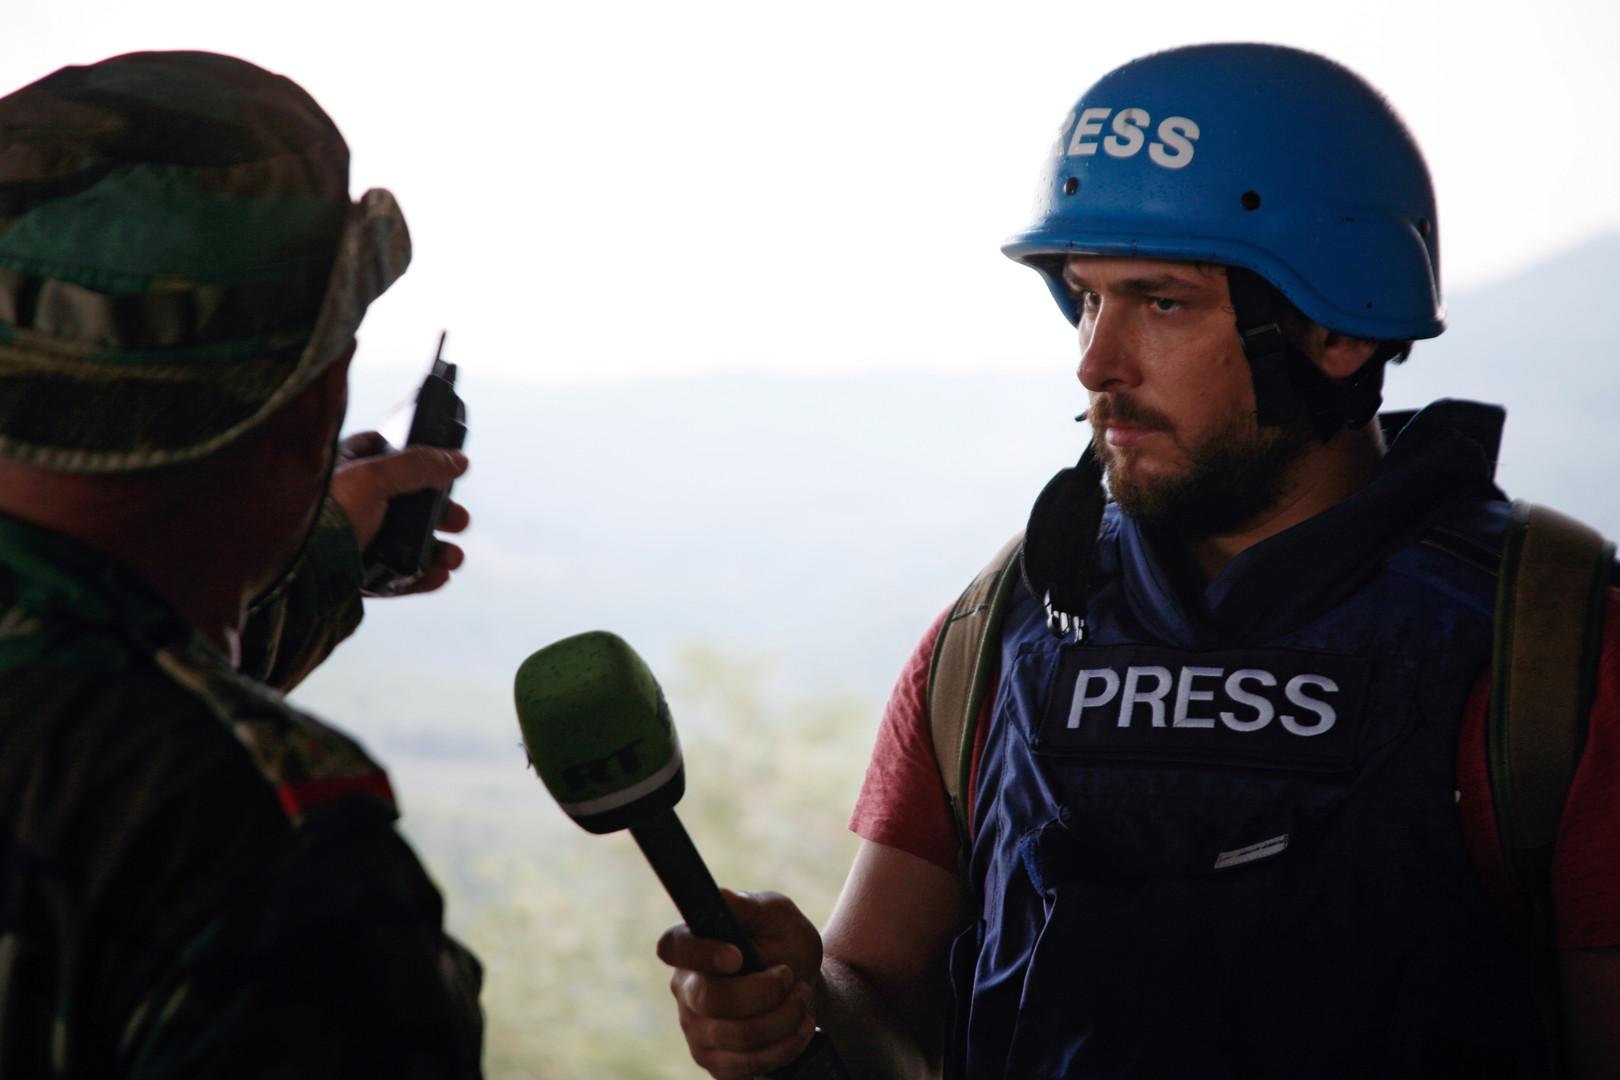 RTD5: Der Dokumentarkanal von RT ist seit fünf Jahren auf Sendung